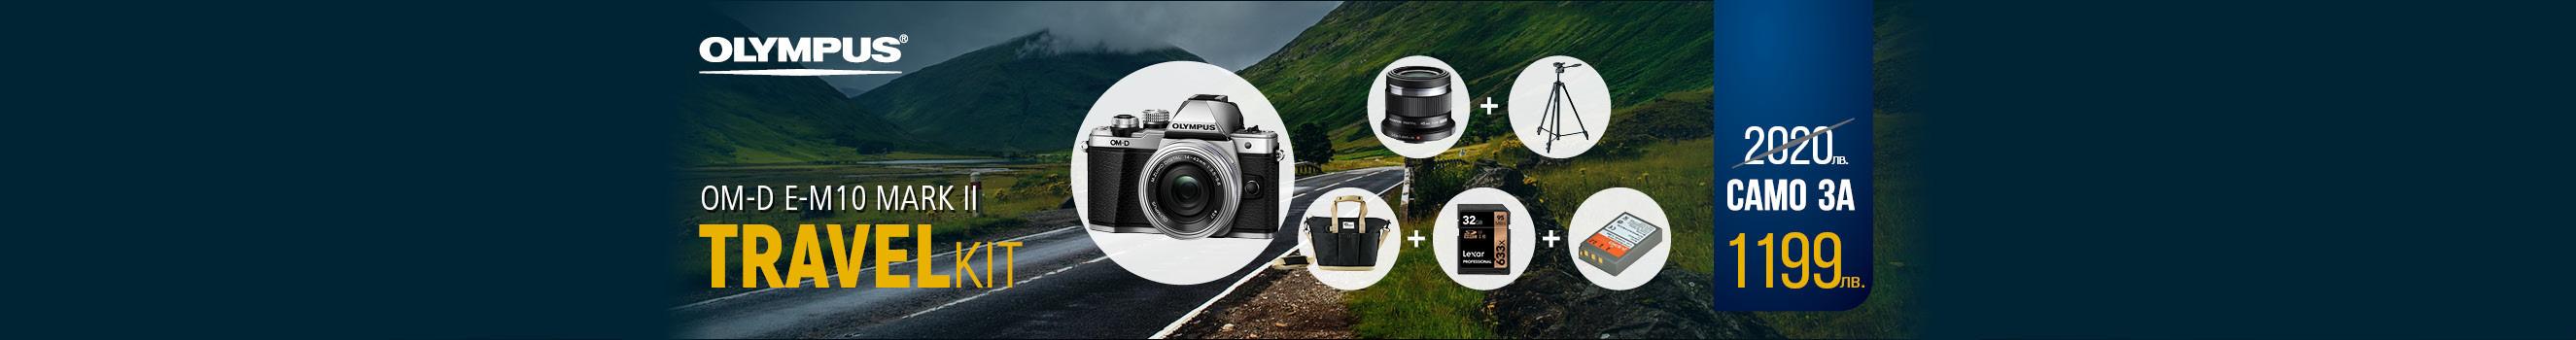 Комплект с фотоапарат Olympus E-M10 II, 2 обектива и аксесоари на супер цена!